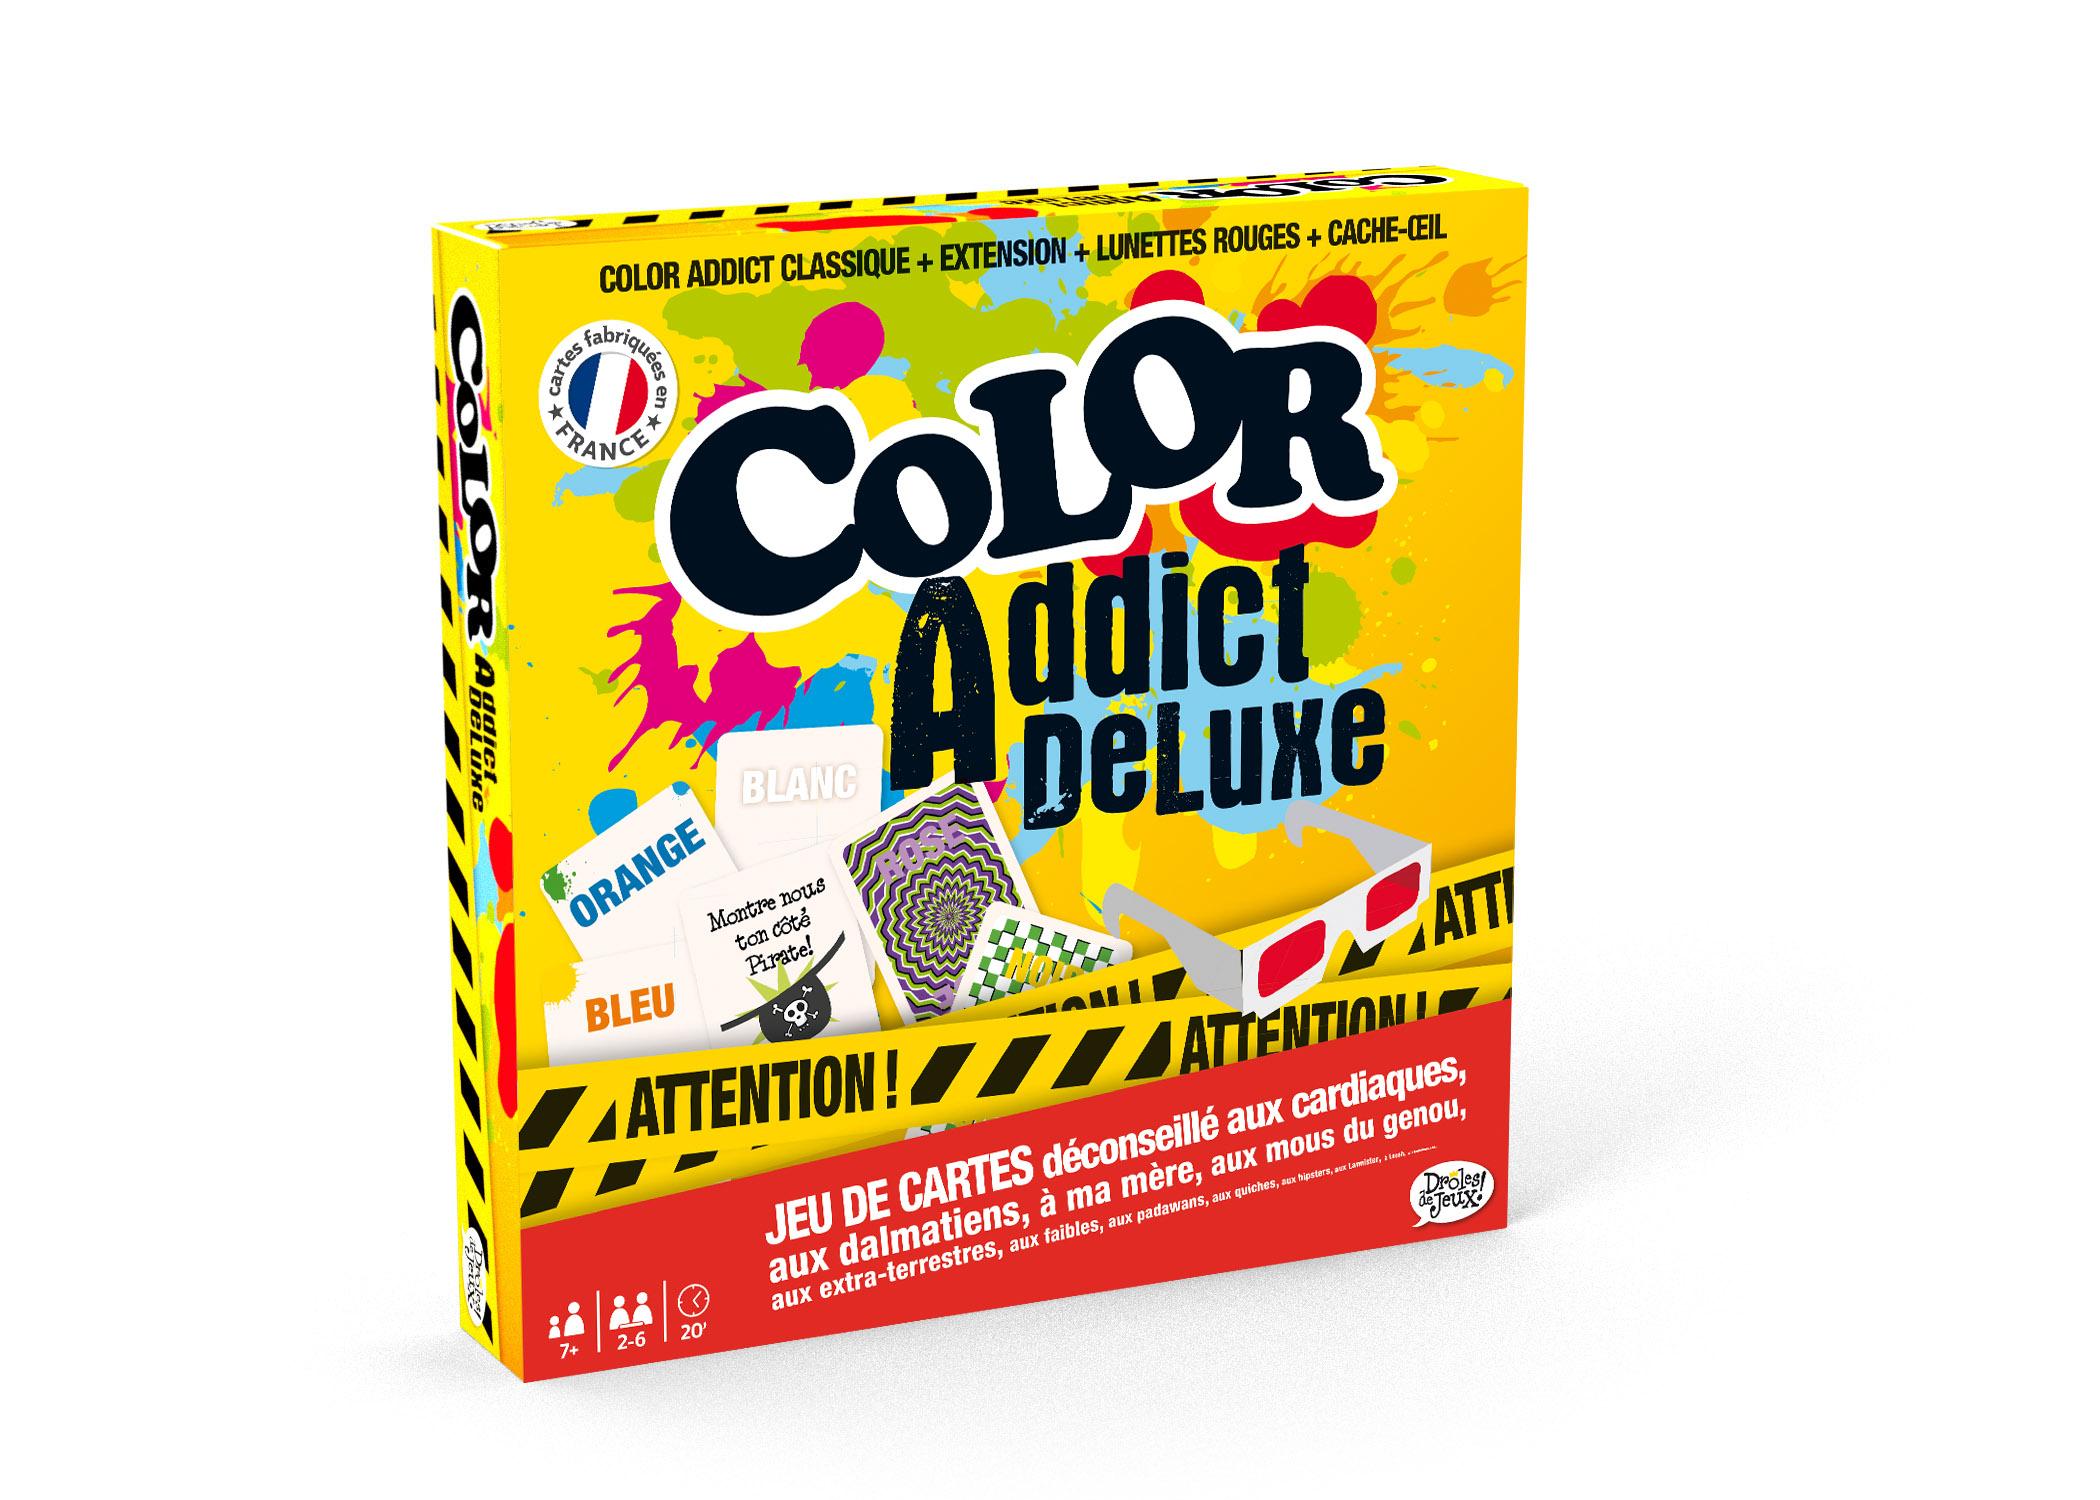 Jeu Color Addict De Luxe de Carta Mundi